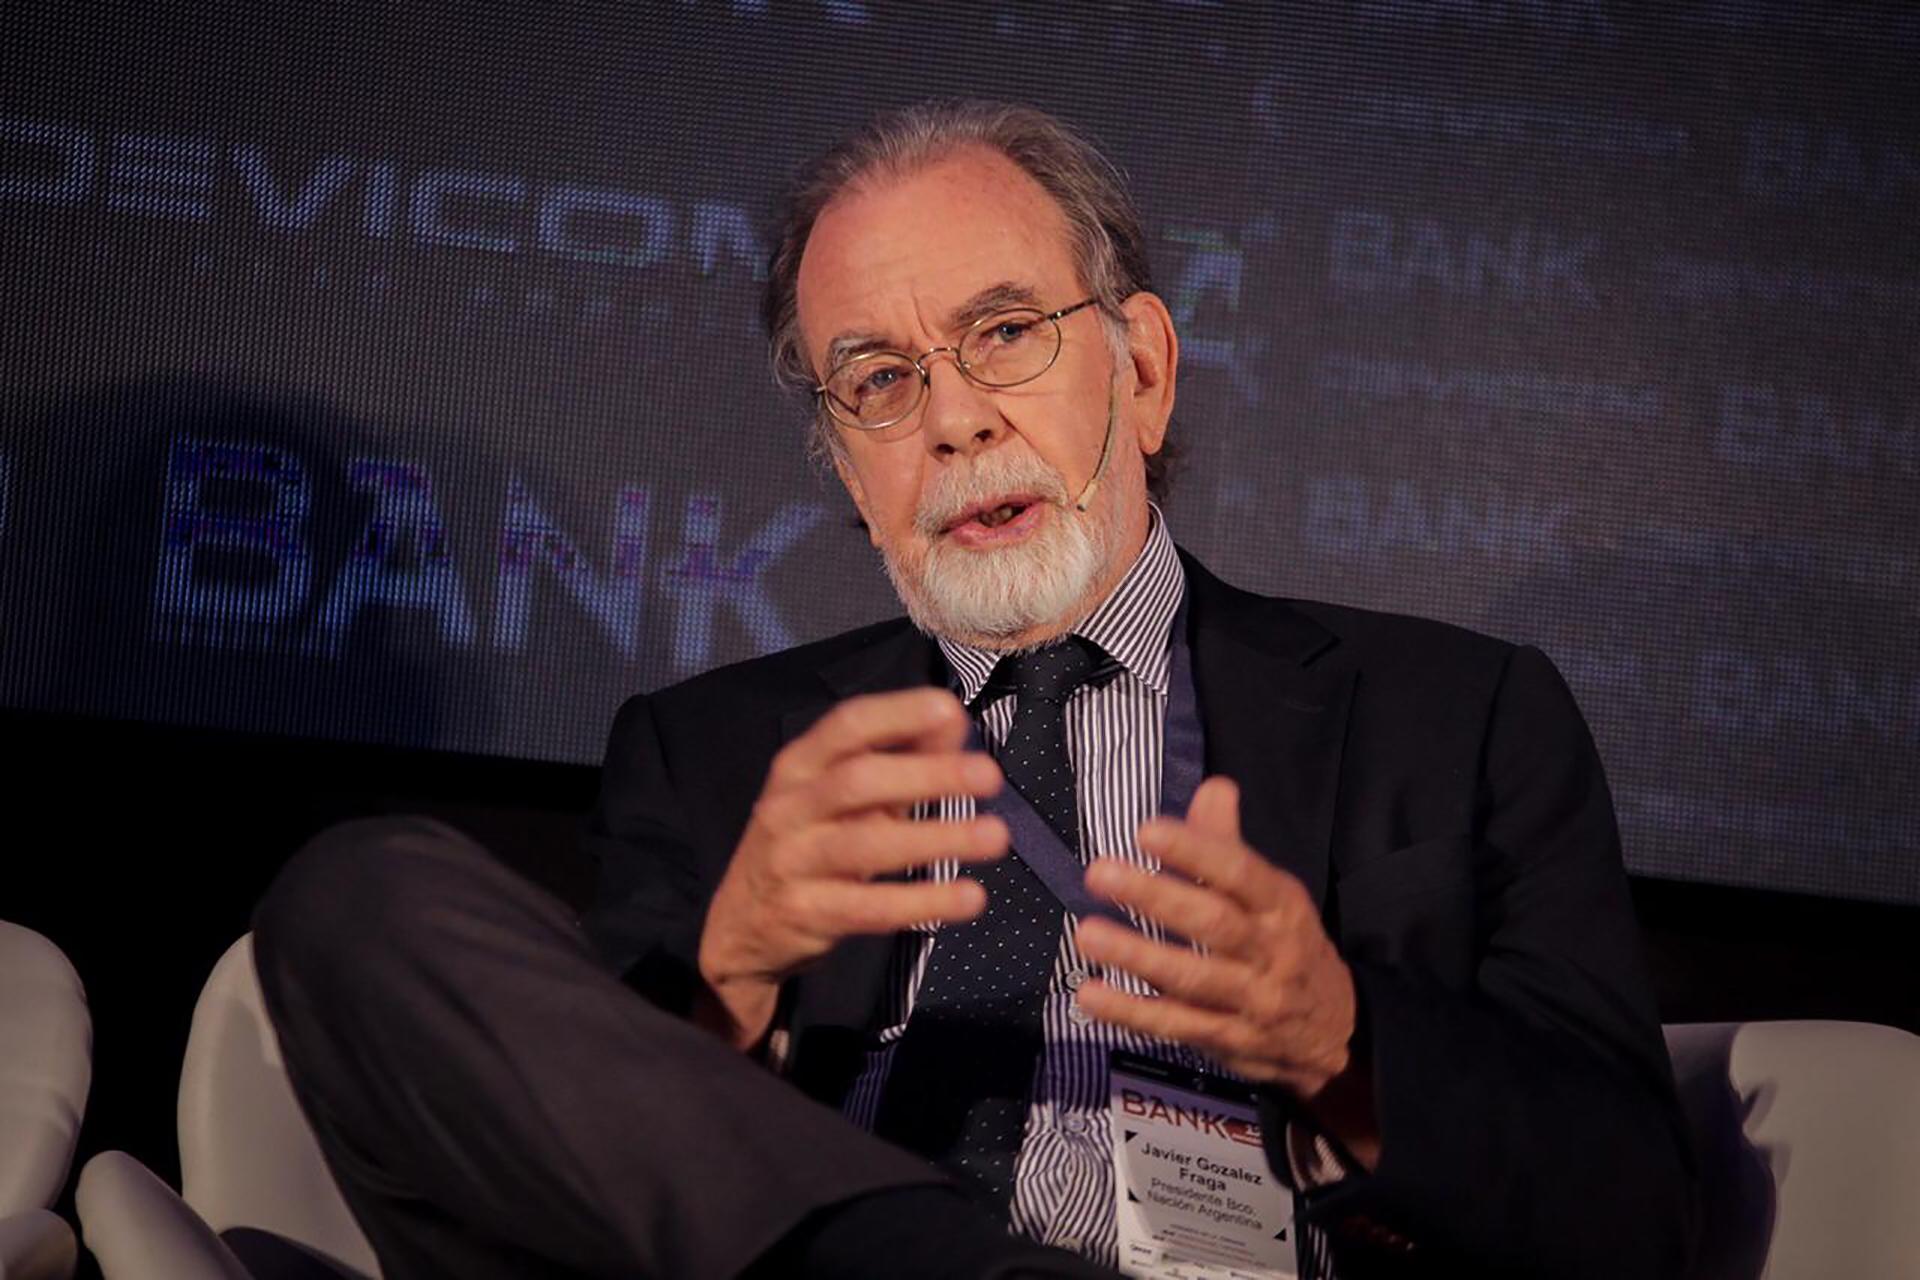 Javier González Fraga (Fuente)